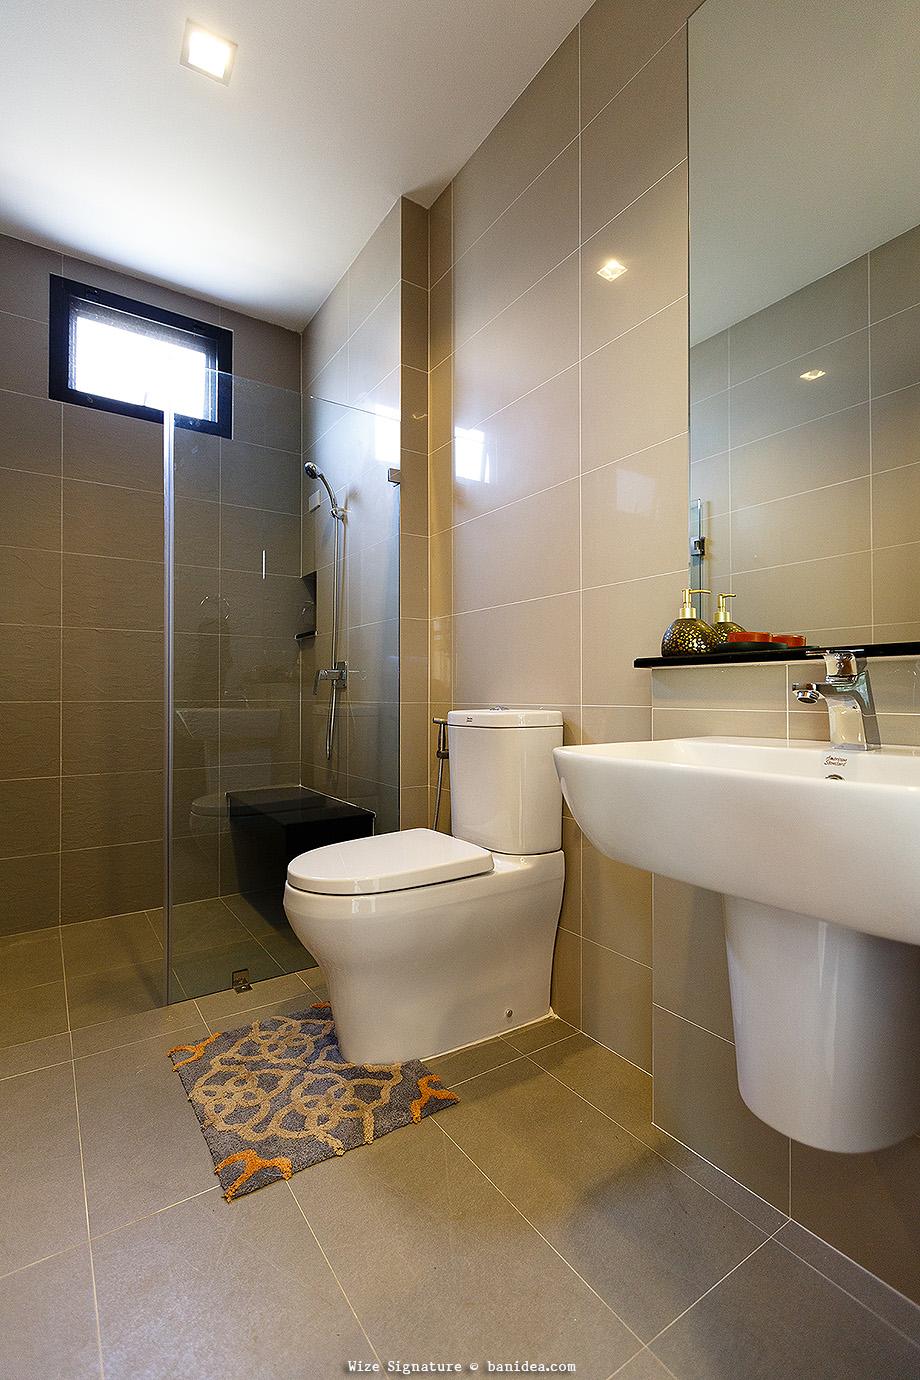 ห้องน้ำ ออกแบบให้รองรับผู้สูงอายุ